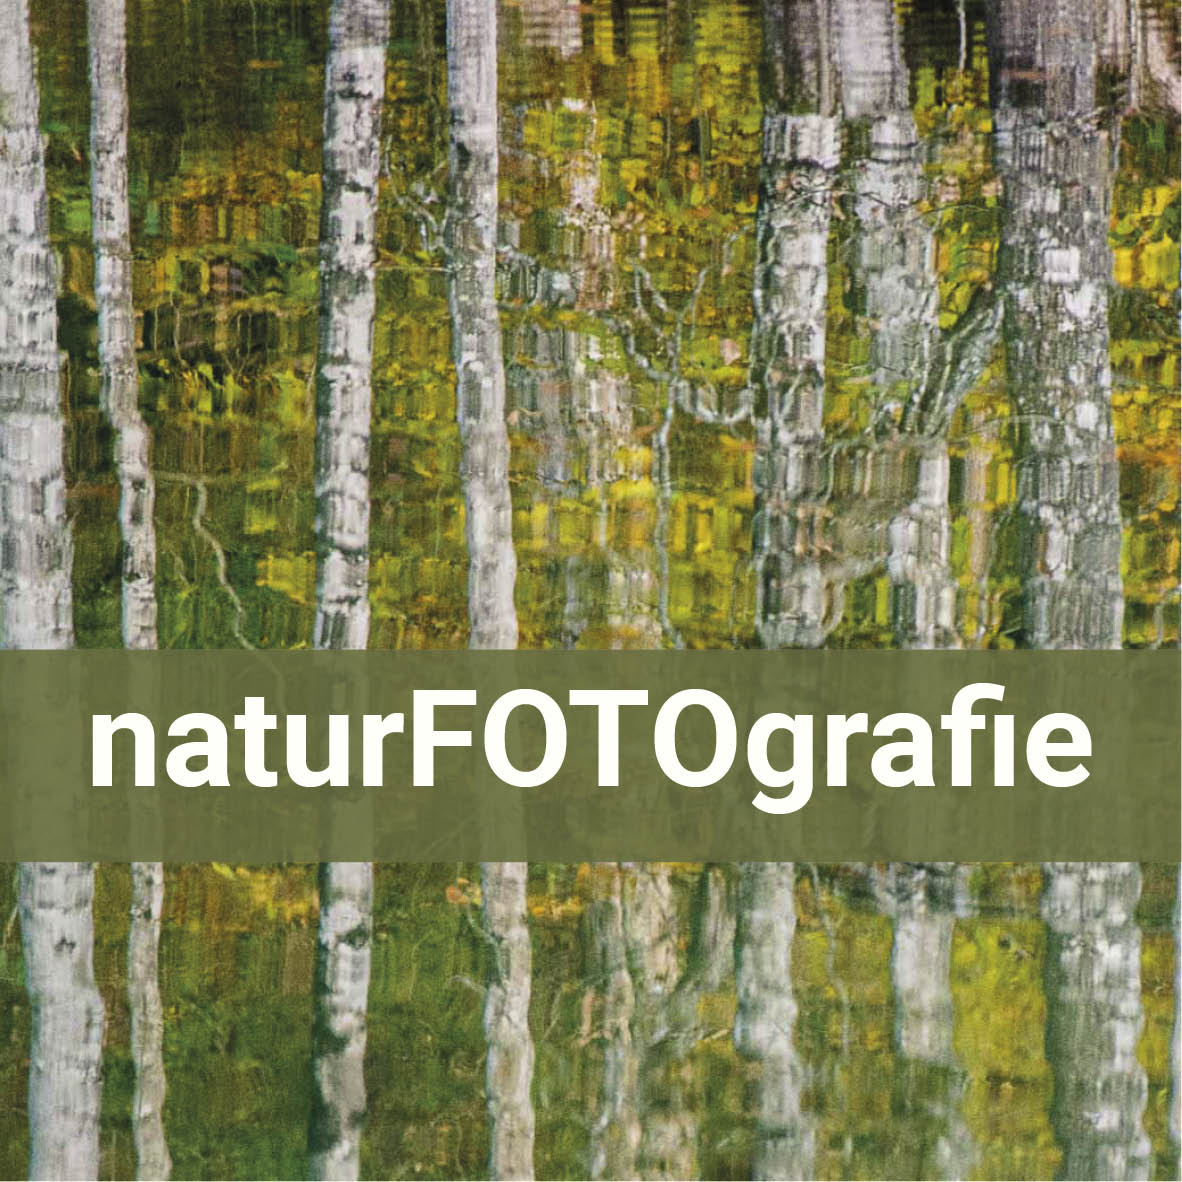 Naturfotos und Tipps für Naturfotografie